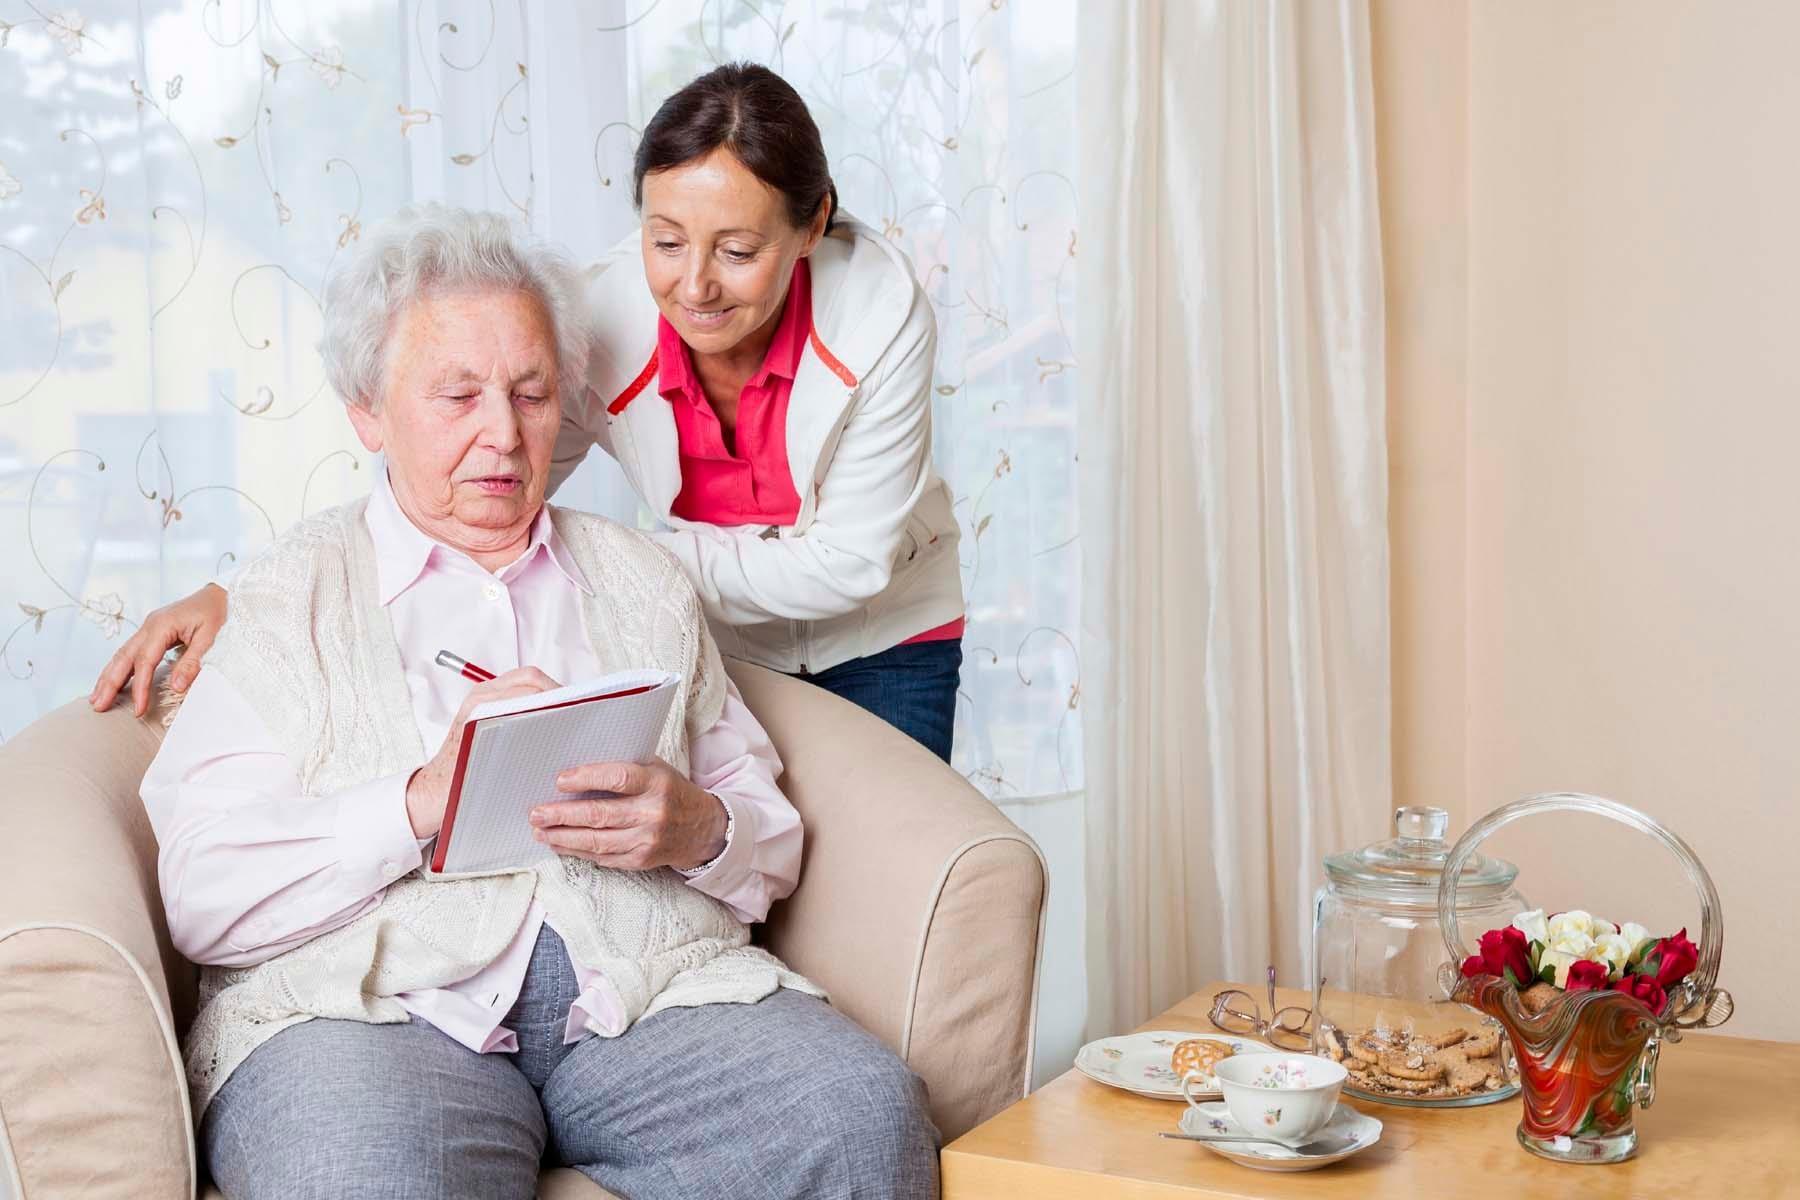 Morning Pointe Nursing Care